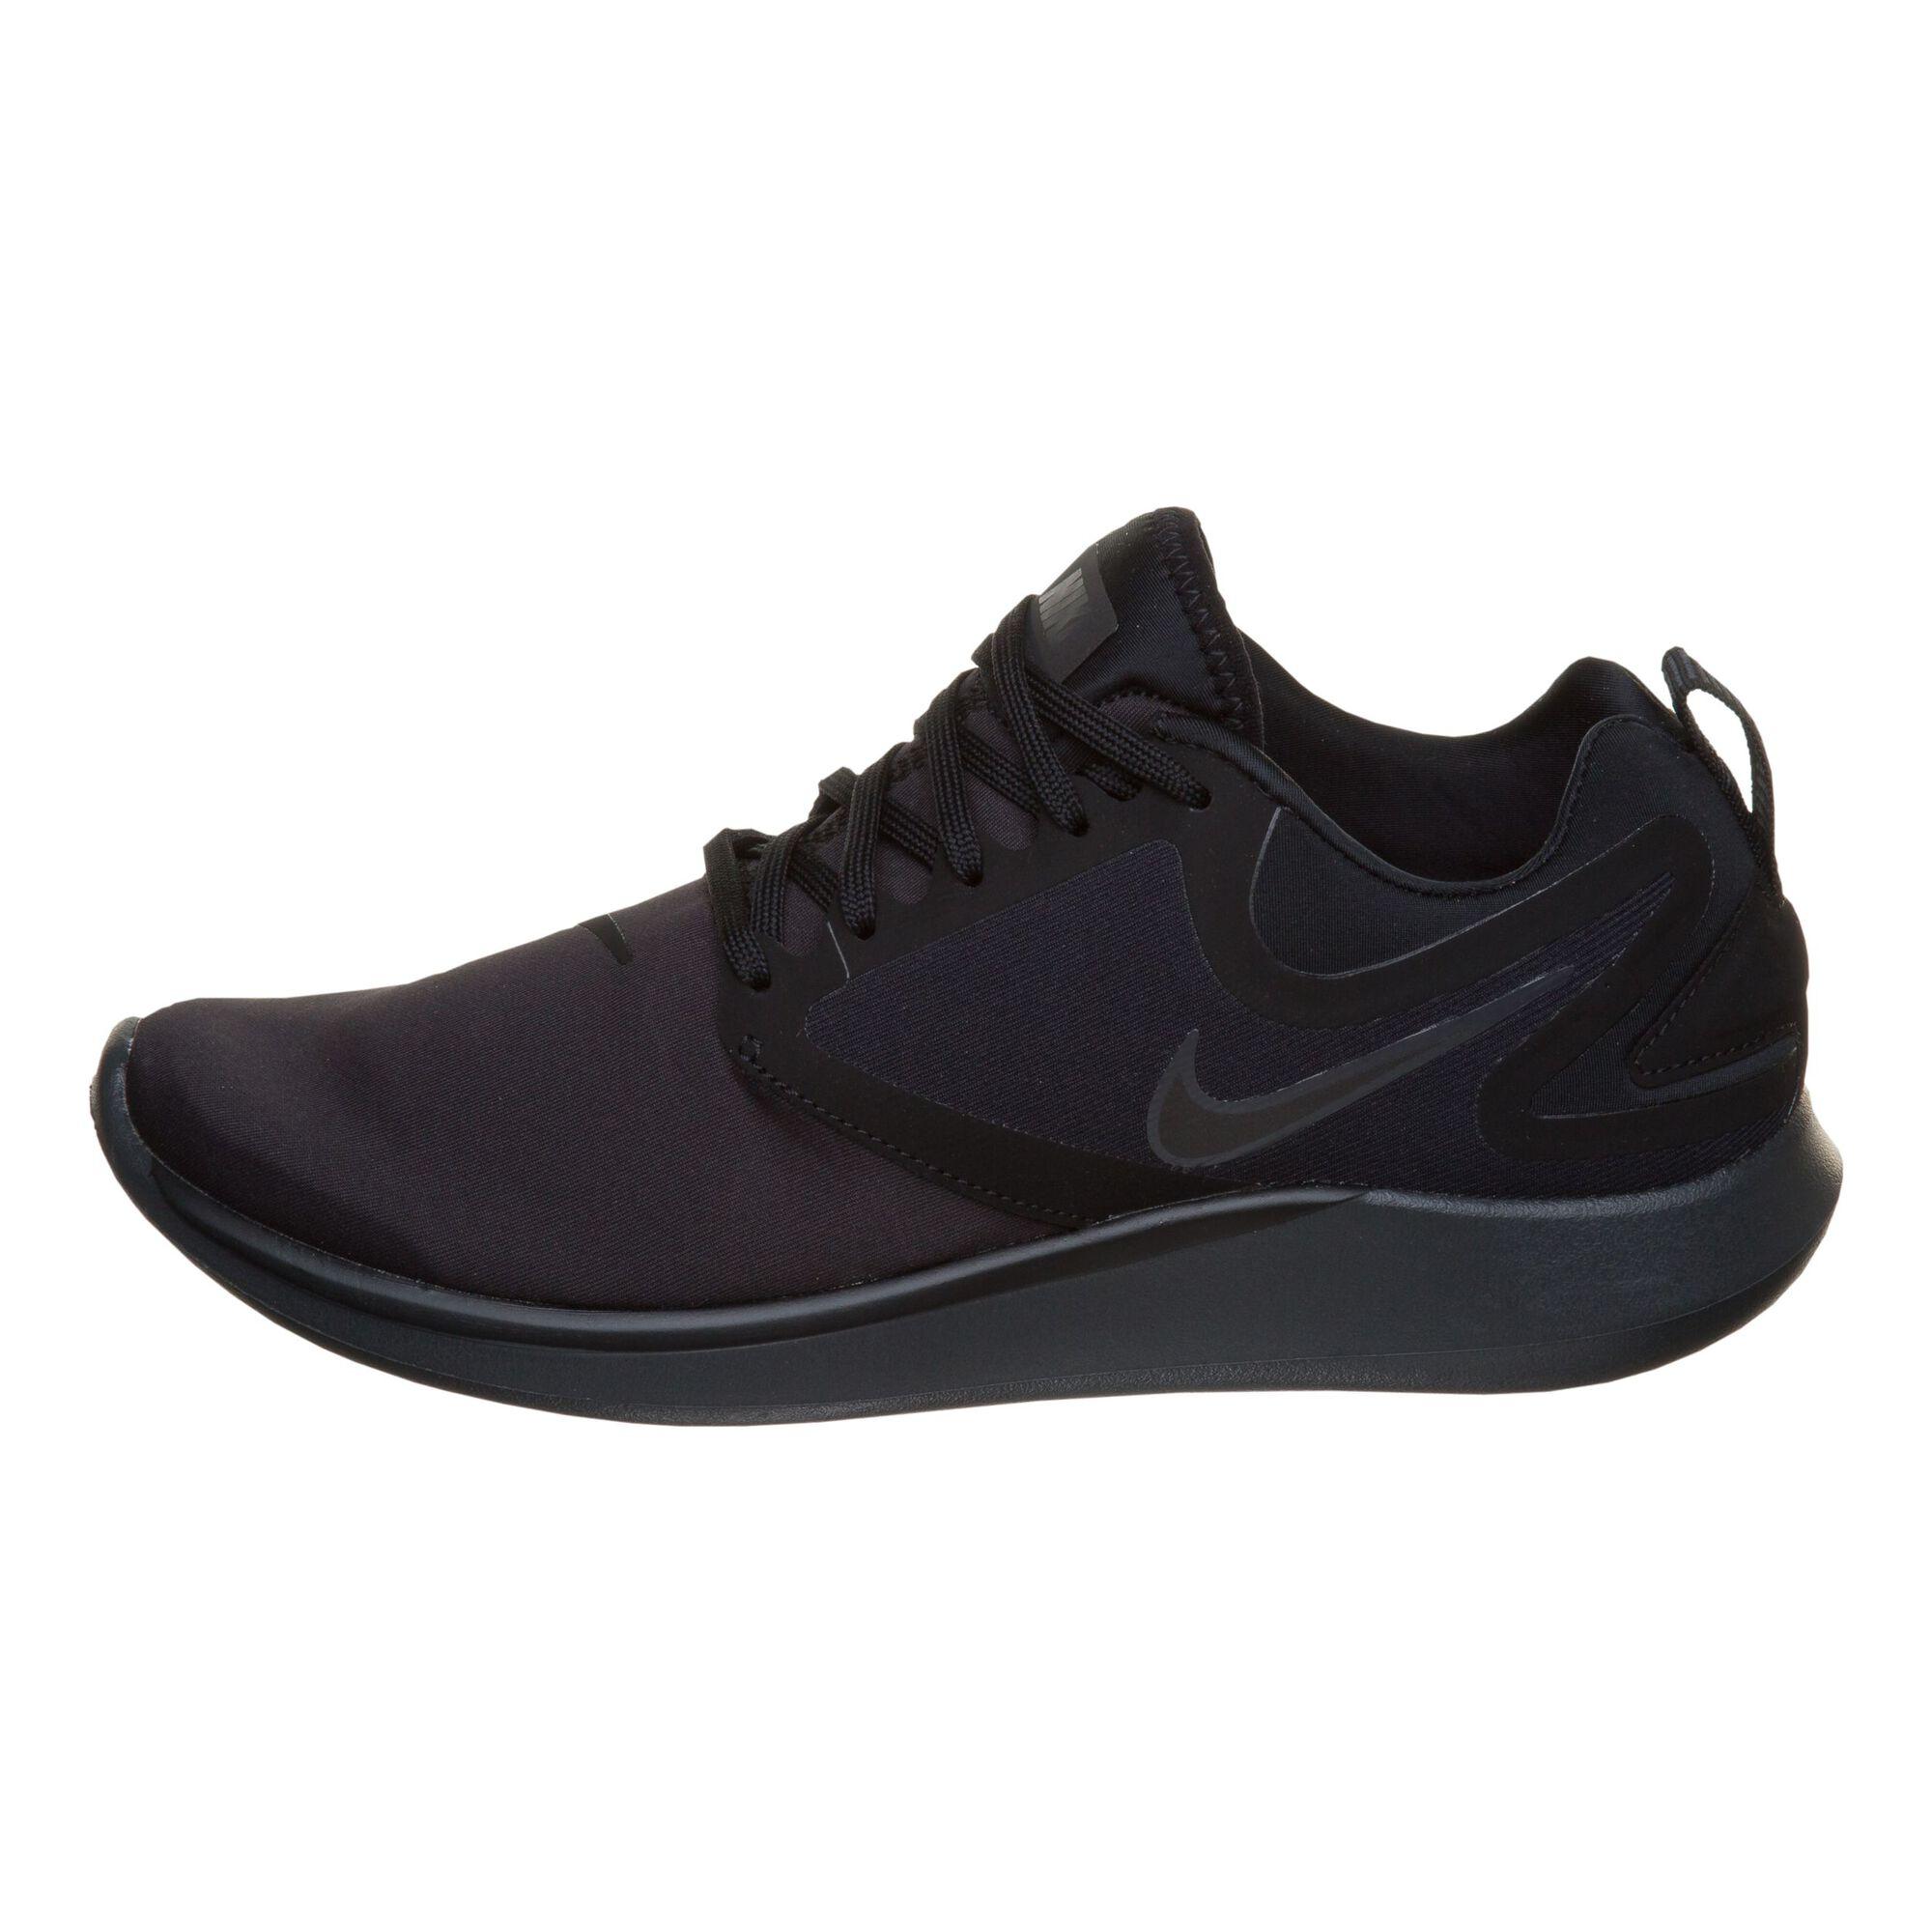 29434447cd0 Nike  Nike  Nike  Nike  Nike  Nike  Nike  Nike  Nike  Nike. LunarSolo  Running Shoe Men ...